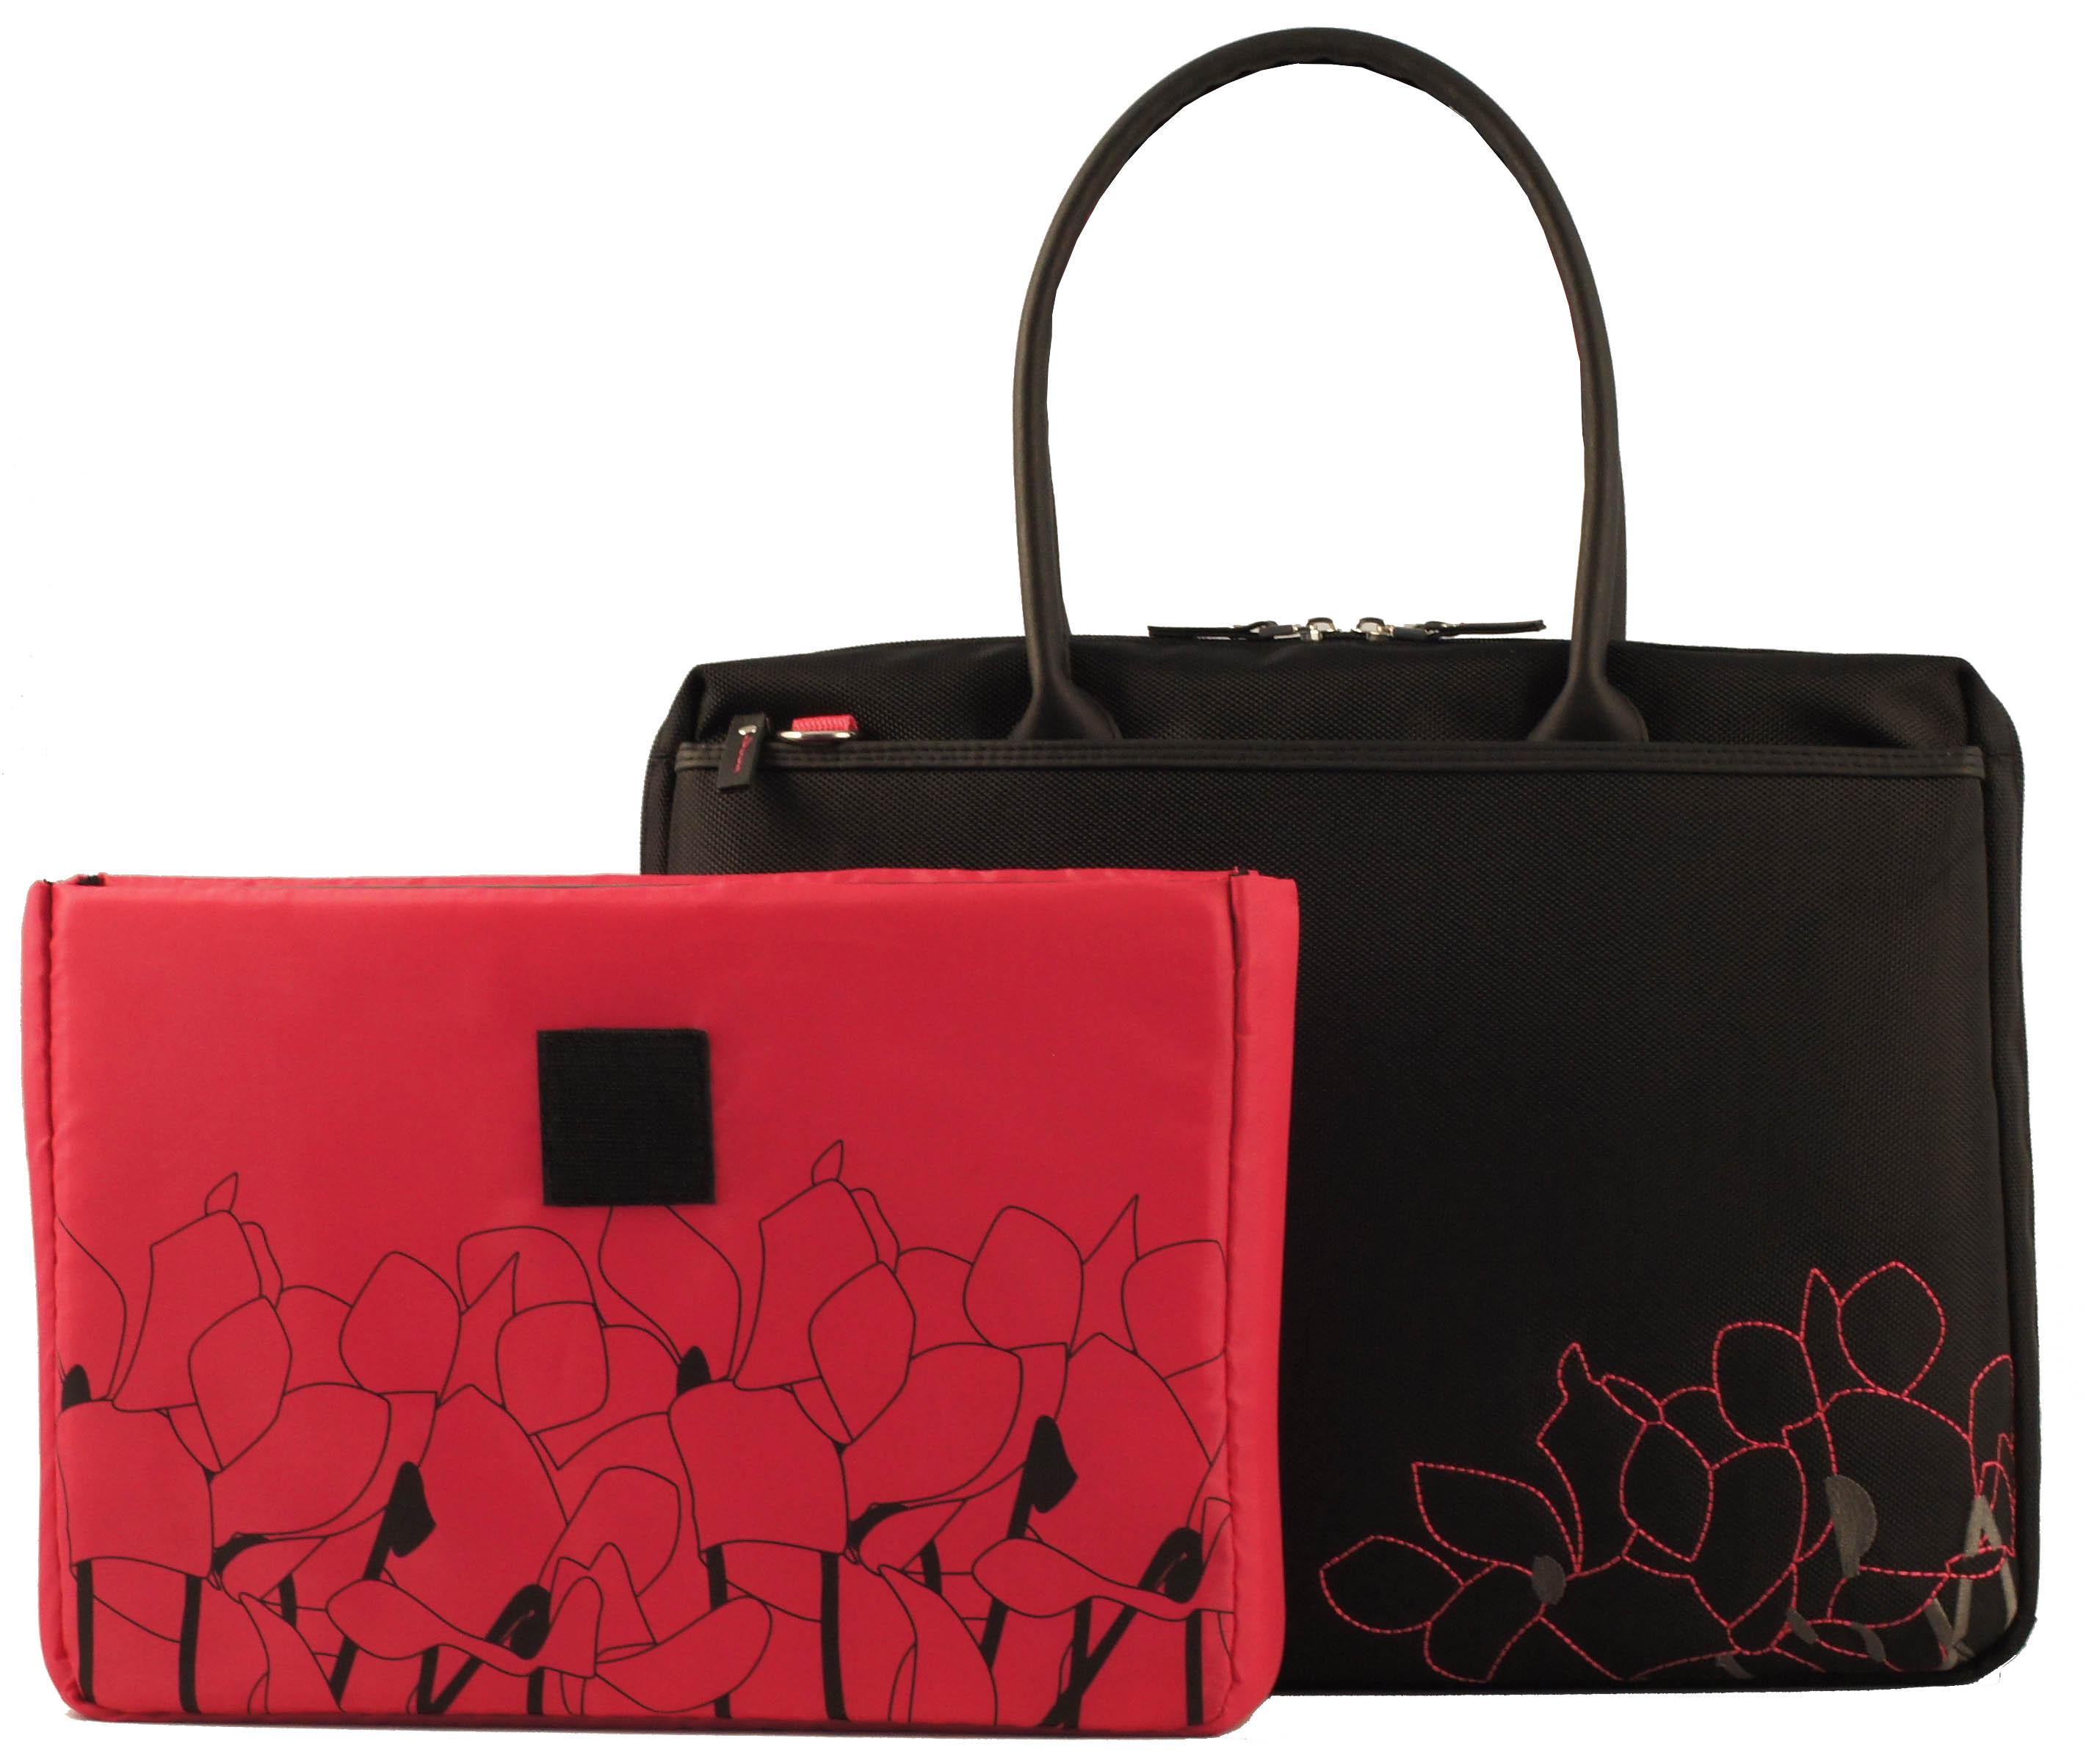 7500ed1e90 Pratique. Conçu pour accueillir un ordinateur portable d'une taille  comprise entre 14 et 16'', ce sac ...